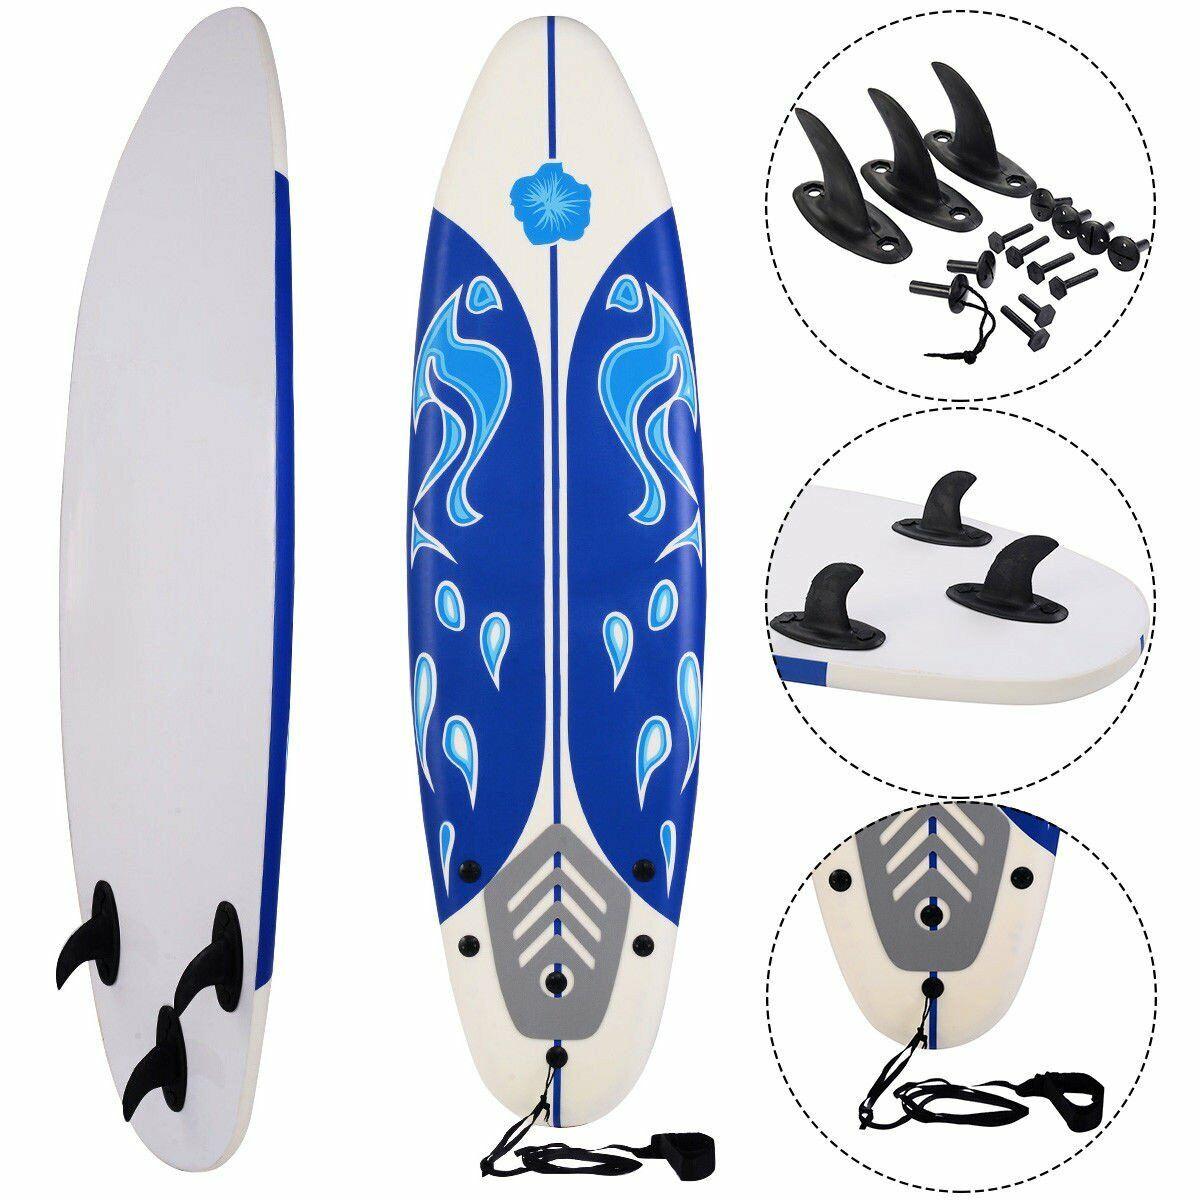 6 FT Foam Surfboard mit Leash und Fins